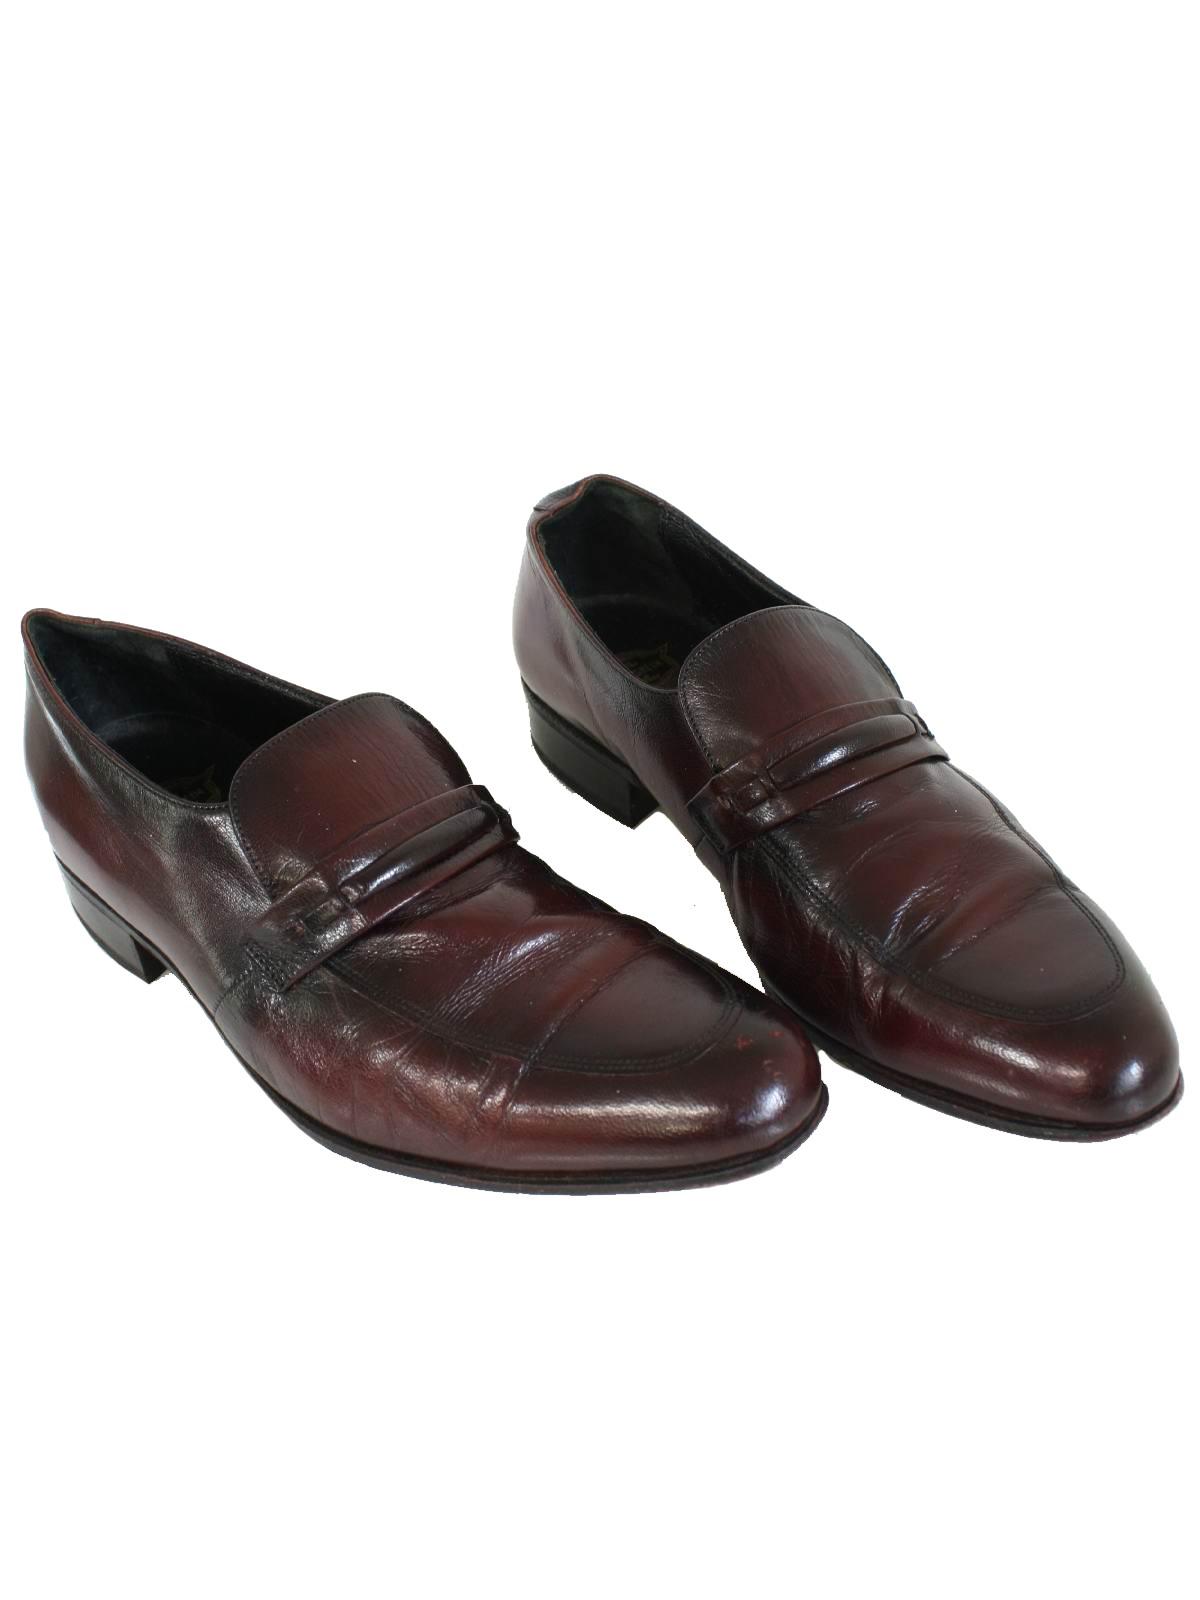 94a16ee06624f 1980's Florsheim Mens Loafer Shoes